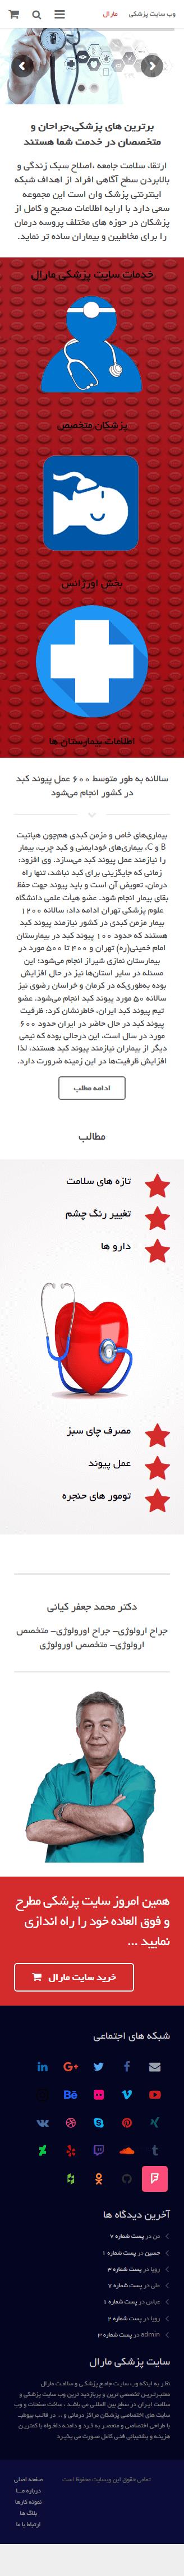 حالت موبایل سایت پزشکی مارال